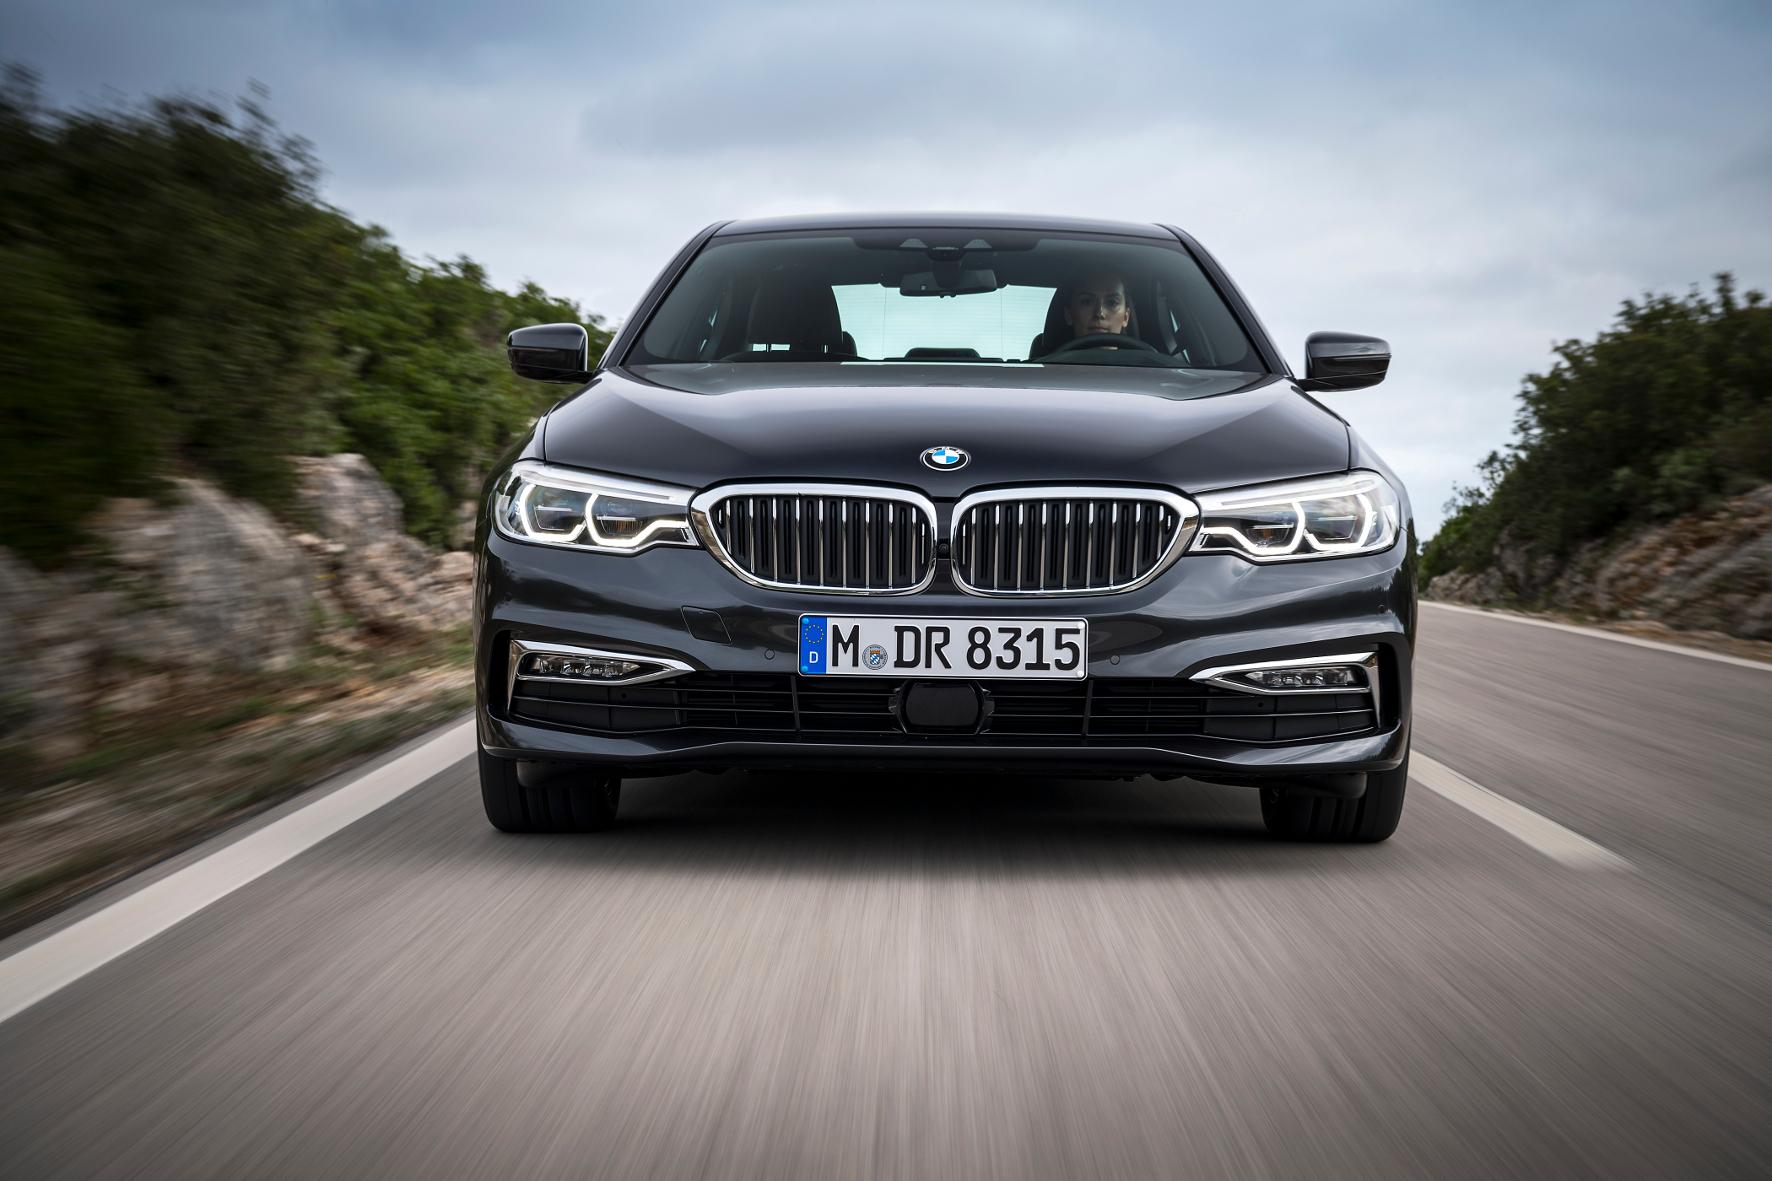 mid Cascais - Die jüngste Evolutionsstufe des BMW 5er beherrscht den Spagat zwischen Luxus und Sportlichkeit hervorragend. Im Februar 2017 kommt die Business-Limousine zum Preis ab 45.200 Euro auf den Markt.